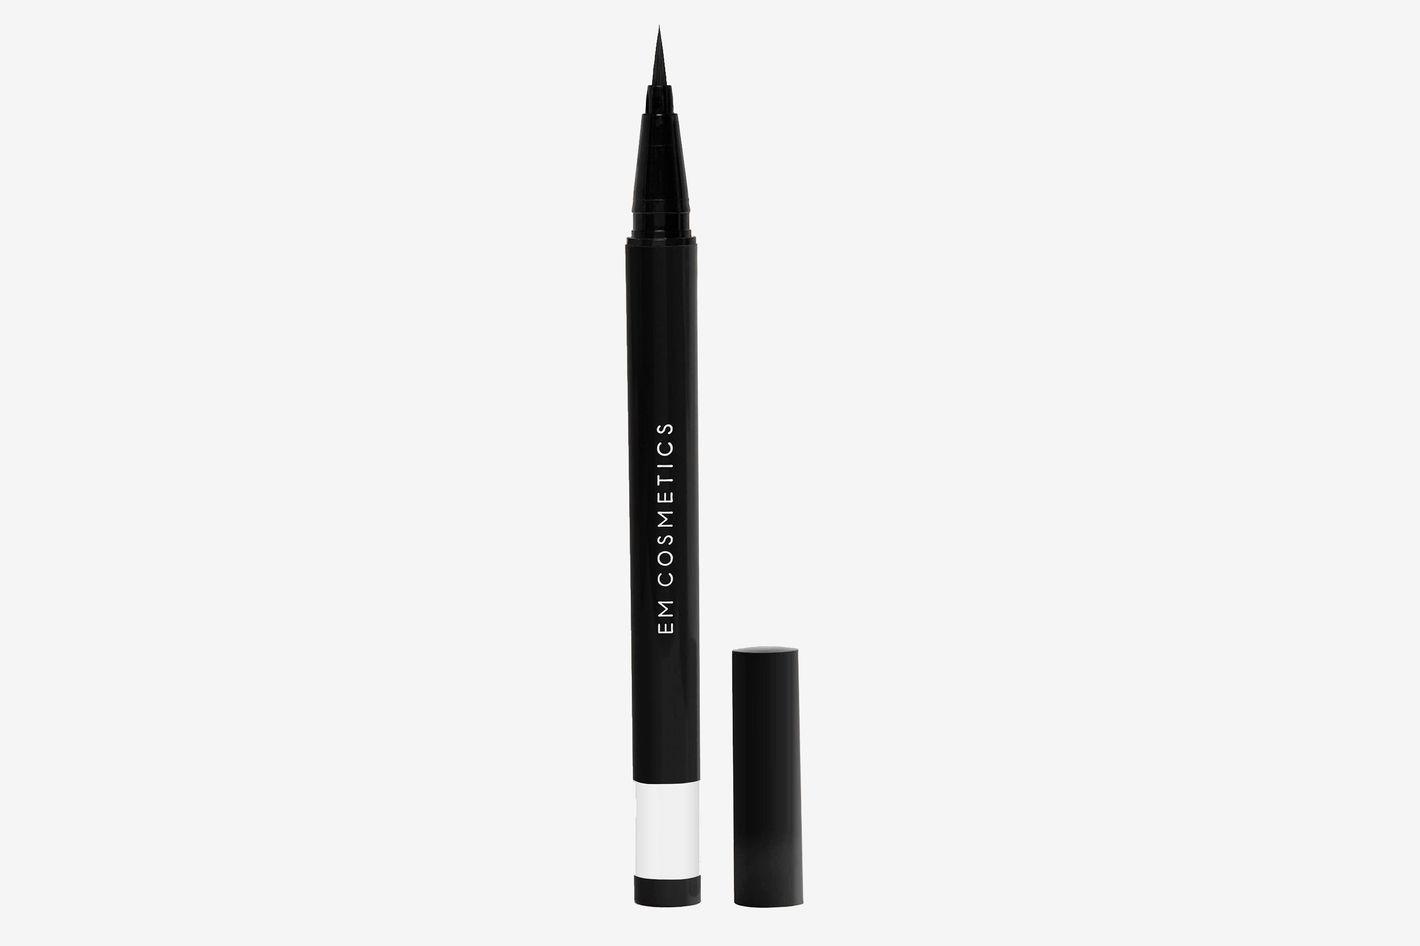 Em Cosmetics Black Brush Tip